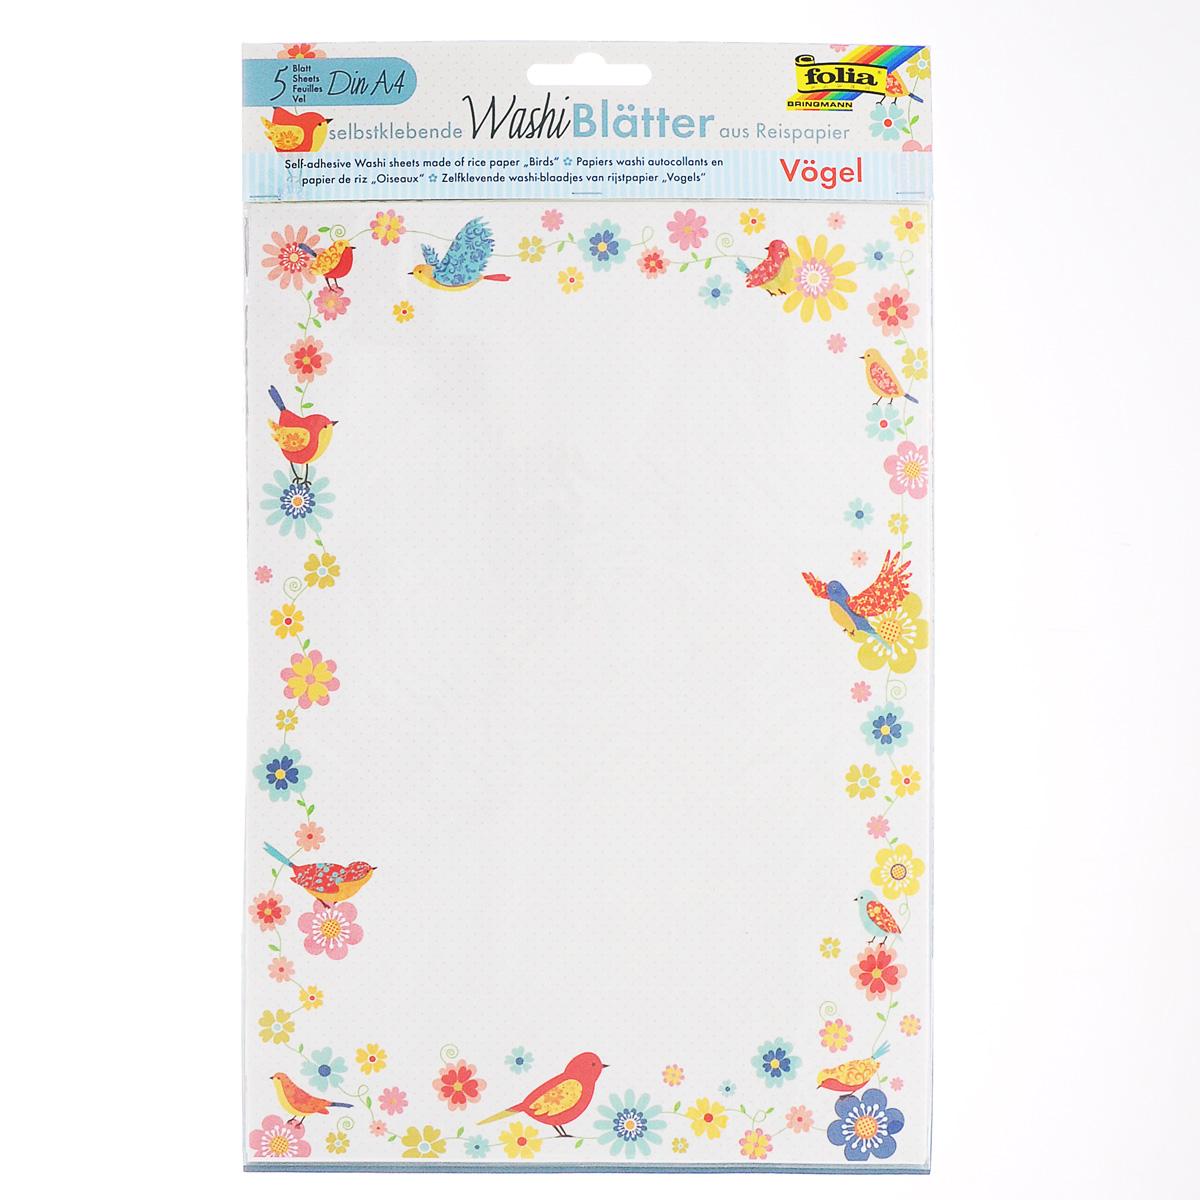 Рисовая бумага Folia Птицы, самоклеящаяся, 29,5 x 21 см, 5 листов7707991Рисовая бумага Folia Птицы - бумага с матовой поверхностью, которая используется для изготовления открыток, для скрапбукинга и других декоративных или дизайнерских работ. Бумага декорирована изображениями разных птичек. Она имеет самоклеящуюся пленку, позволяющую удаление и повторное приклеивание, что обеспечивает большие творческие возможности. Изделие имеет отличное сцепление с бумагой, обоями, тканью и гладкими поверхностями, такими как металл, стекло и т.д. без специальной подготовки.